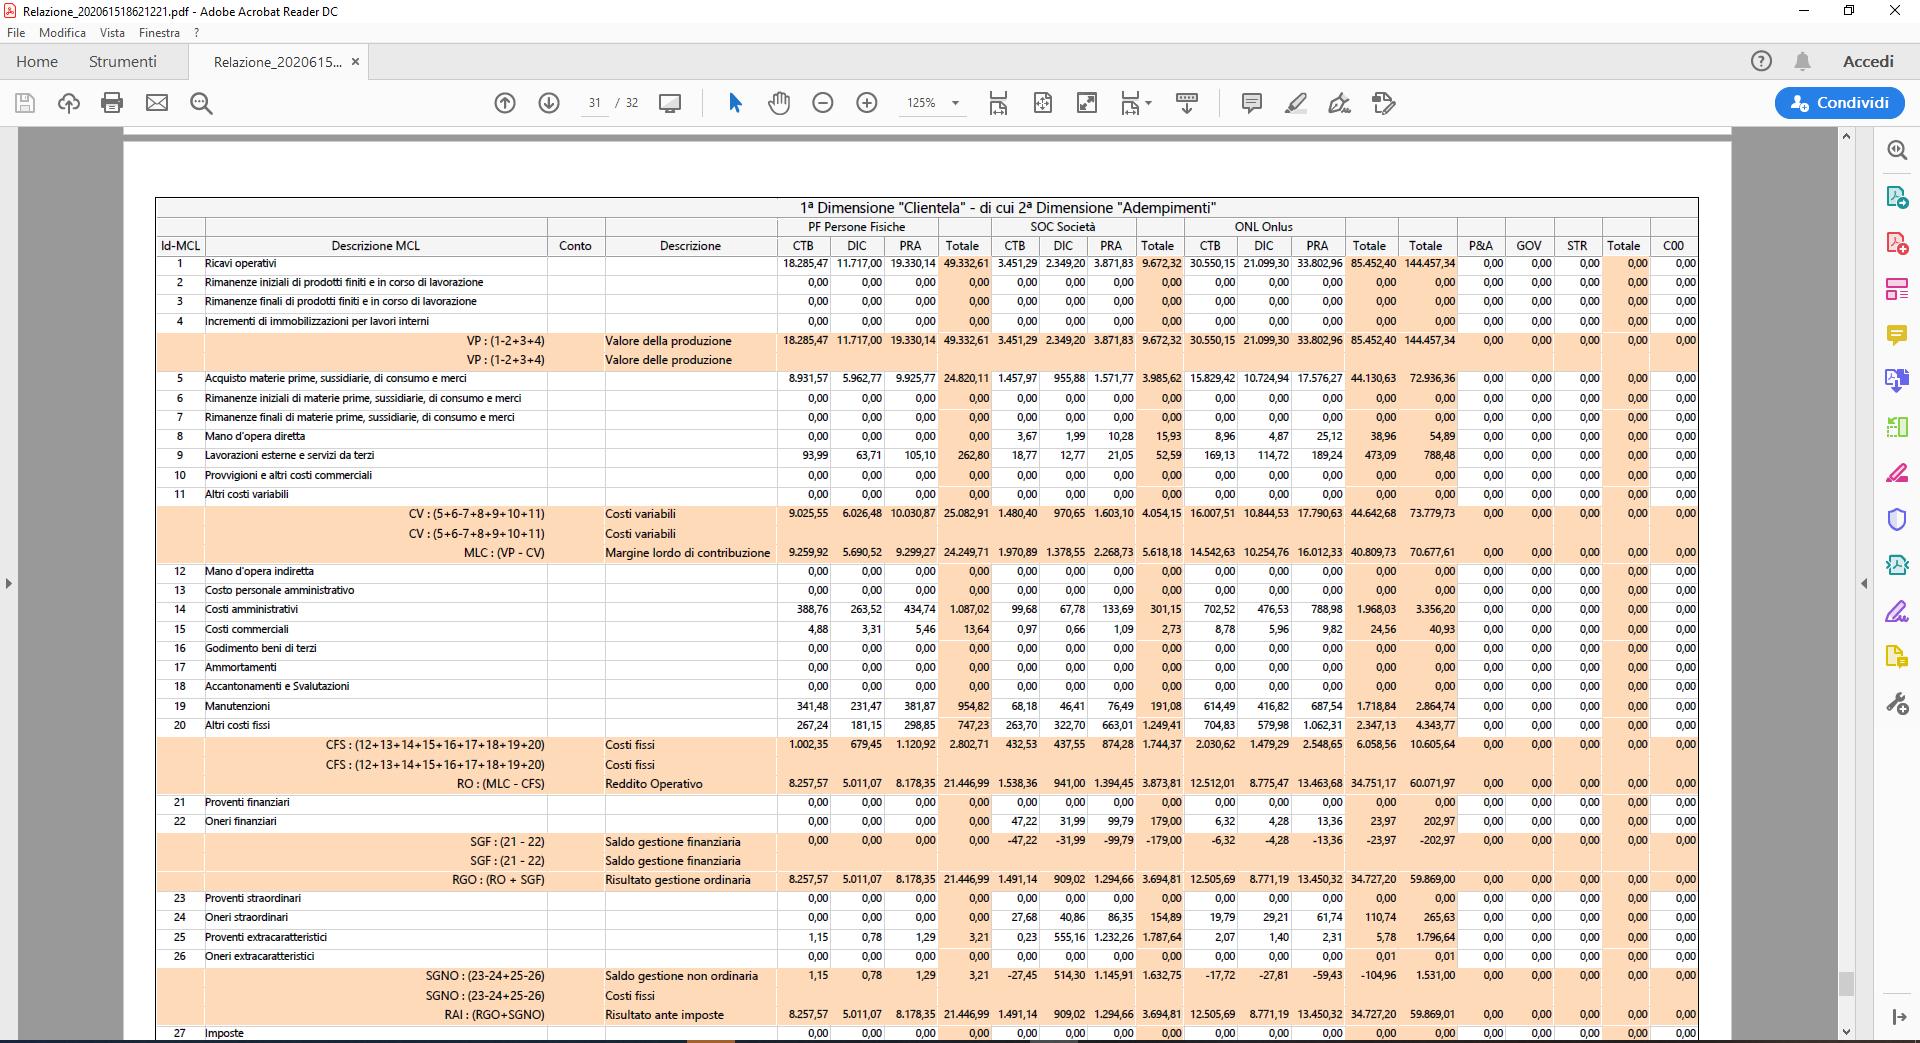 Relazione in PDF con report MCL incluso